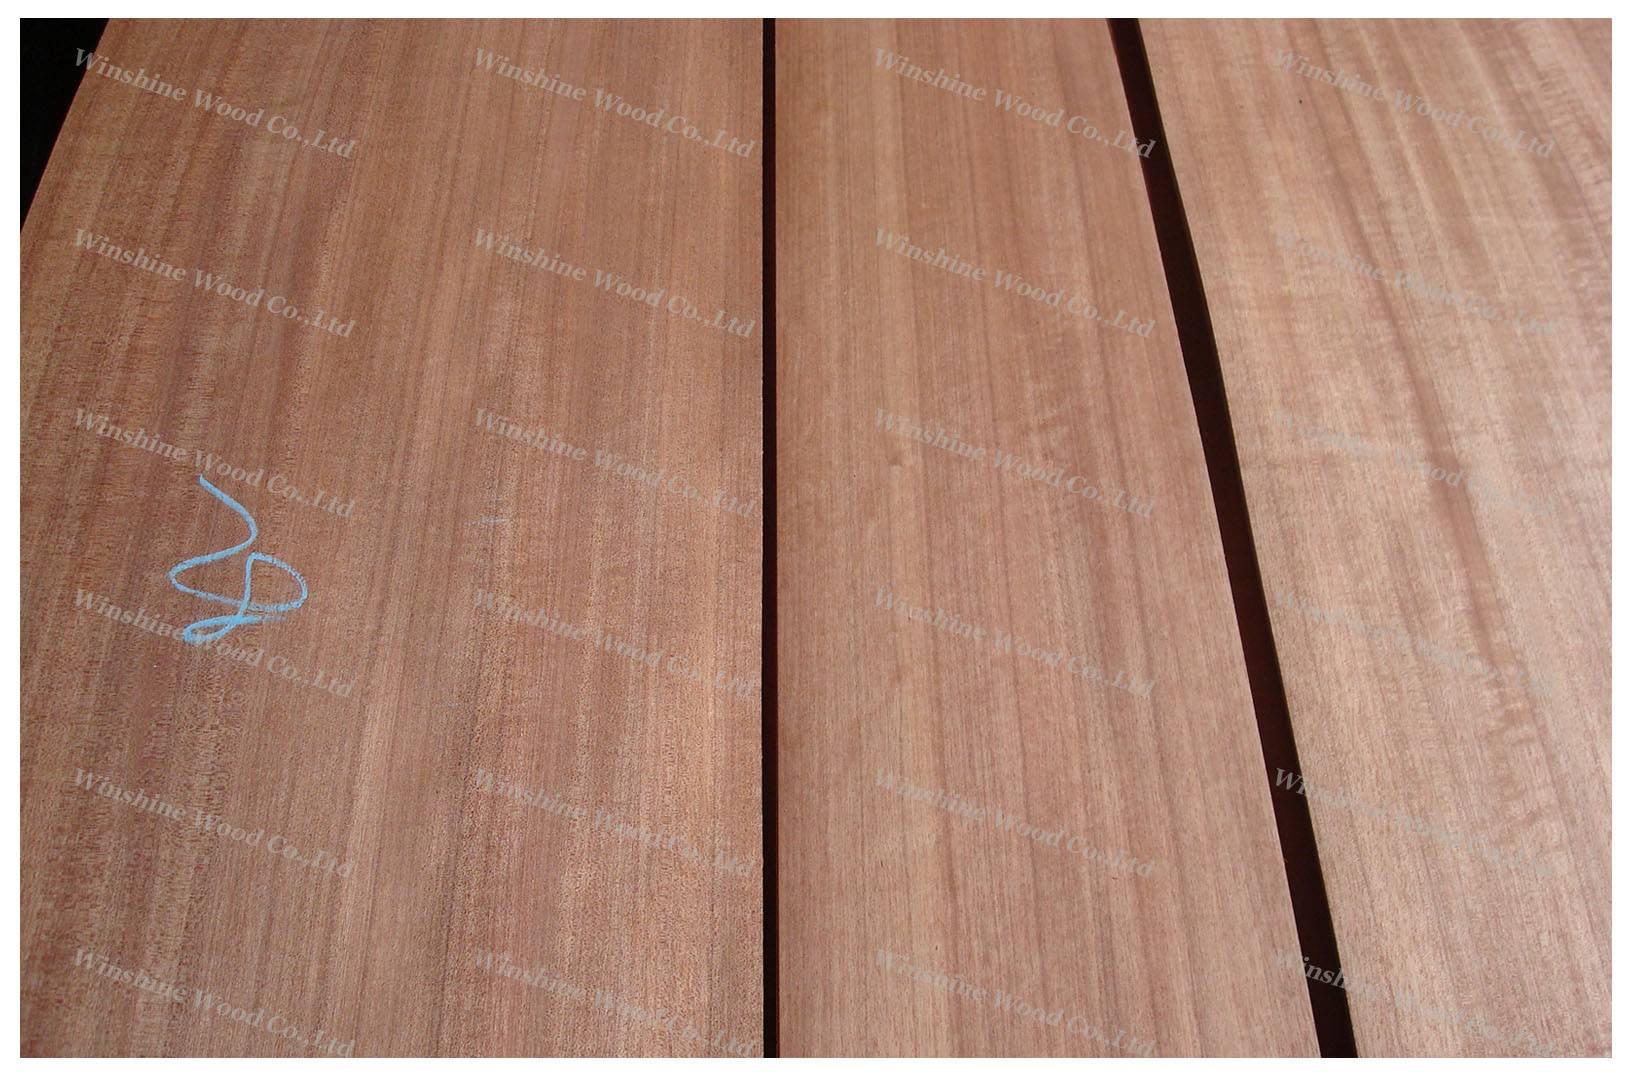 Macore wood veneer